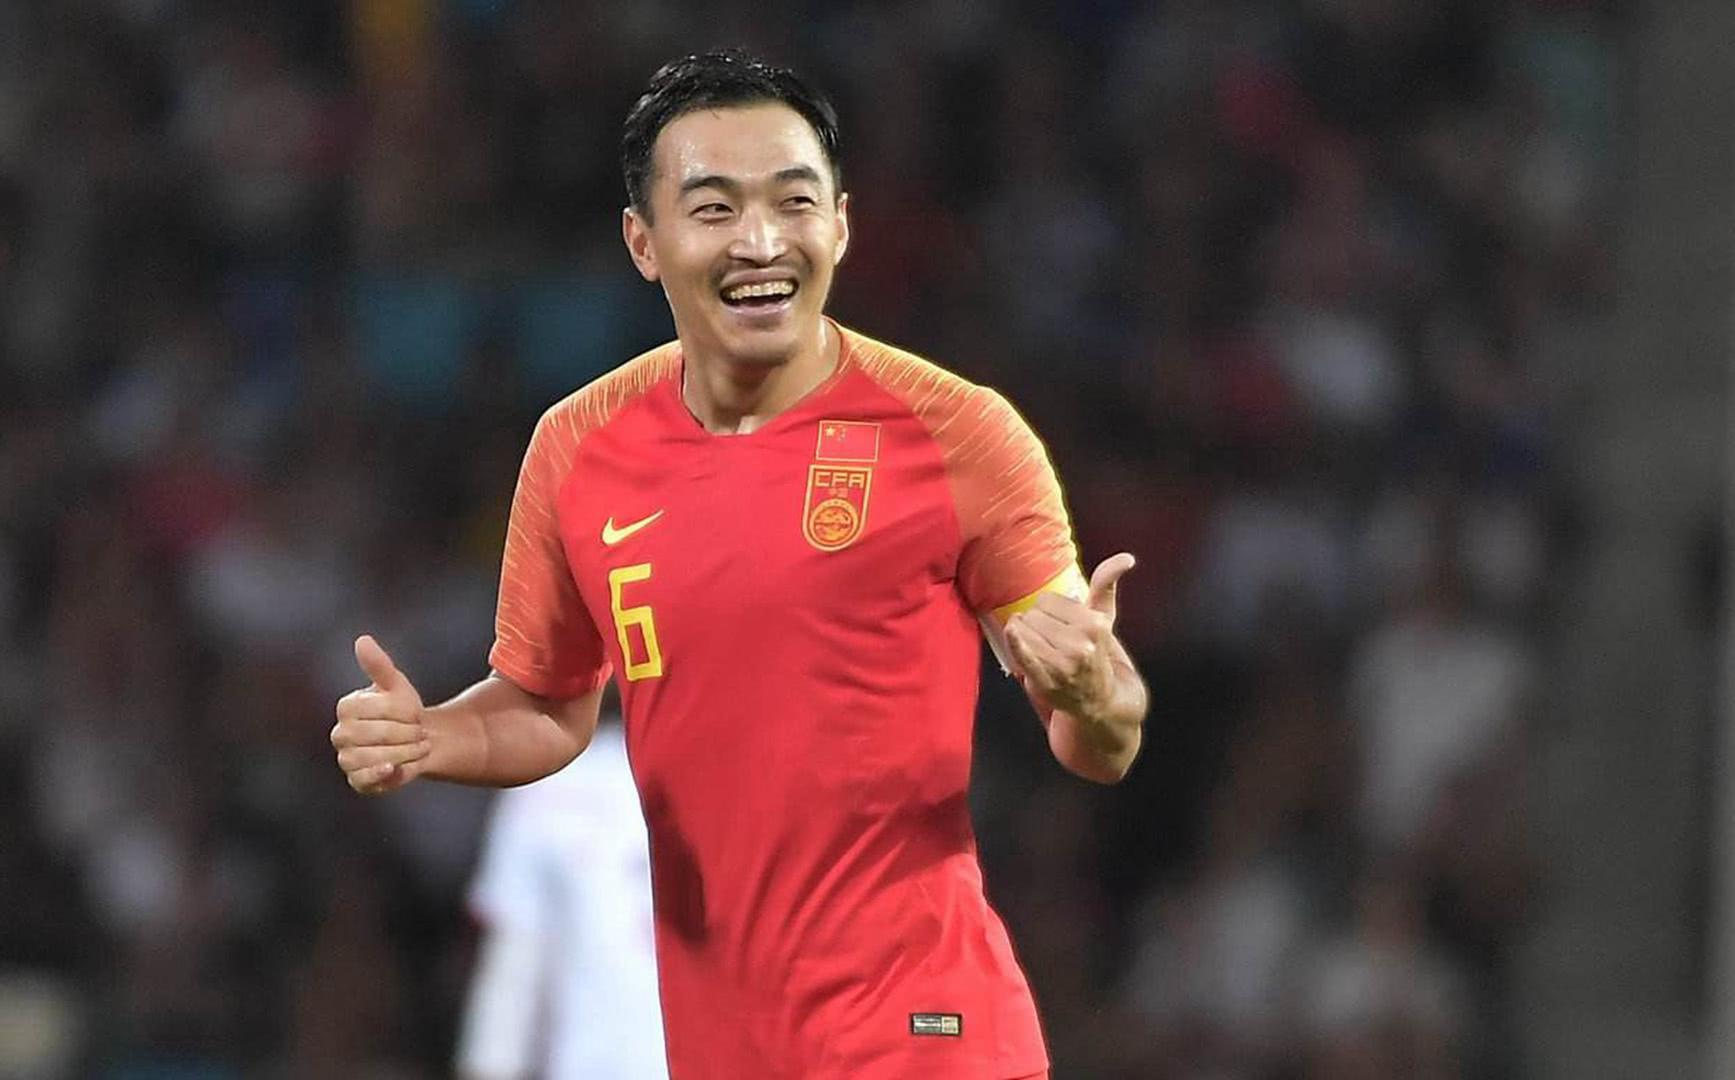 冯潇霆入错行了吗?为什么认为他是国足有史以来最有文采的球员?